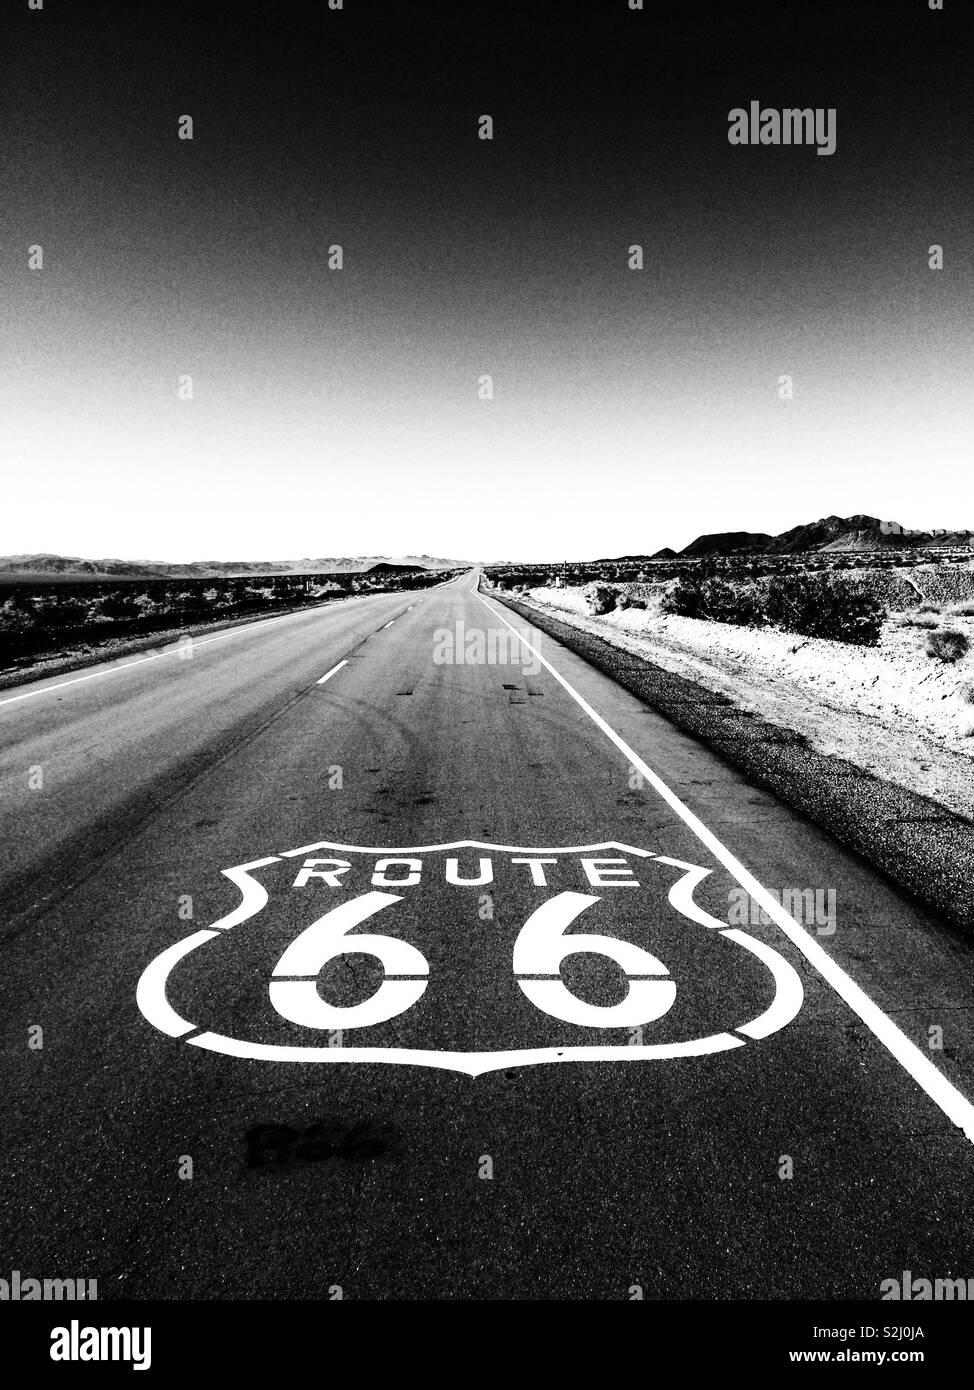 Road sign 66 dans le désert de Mojave. Édition noir et blanc. Banque D'Images